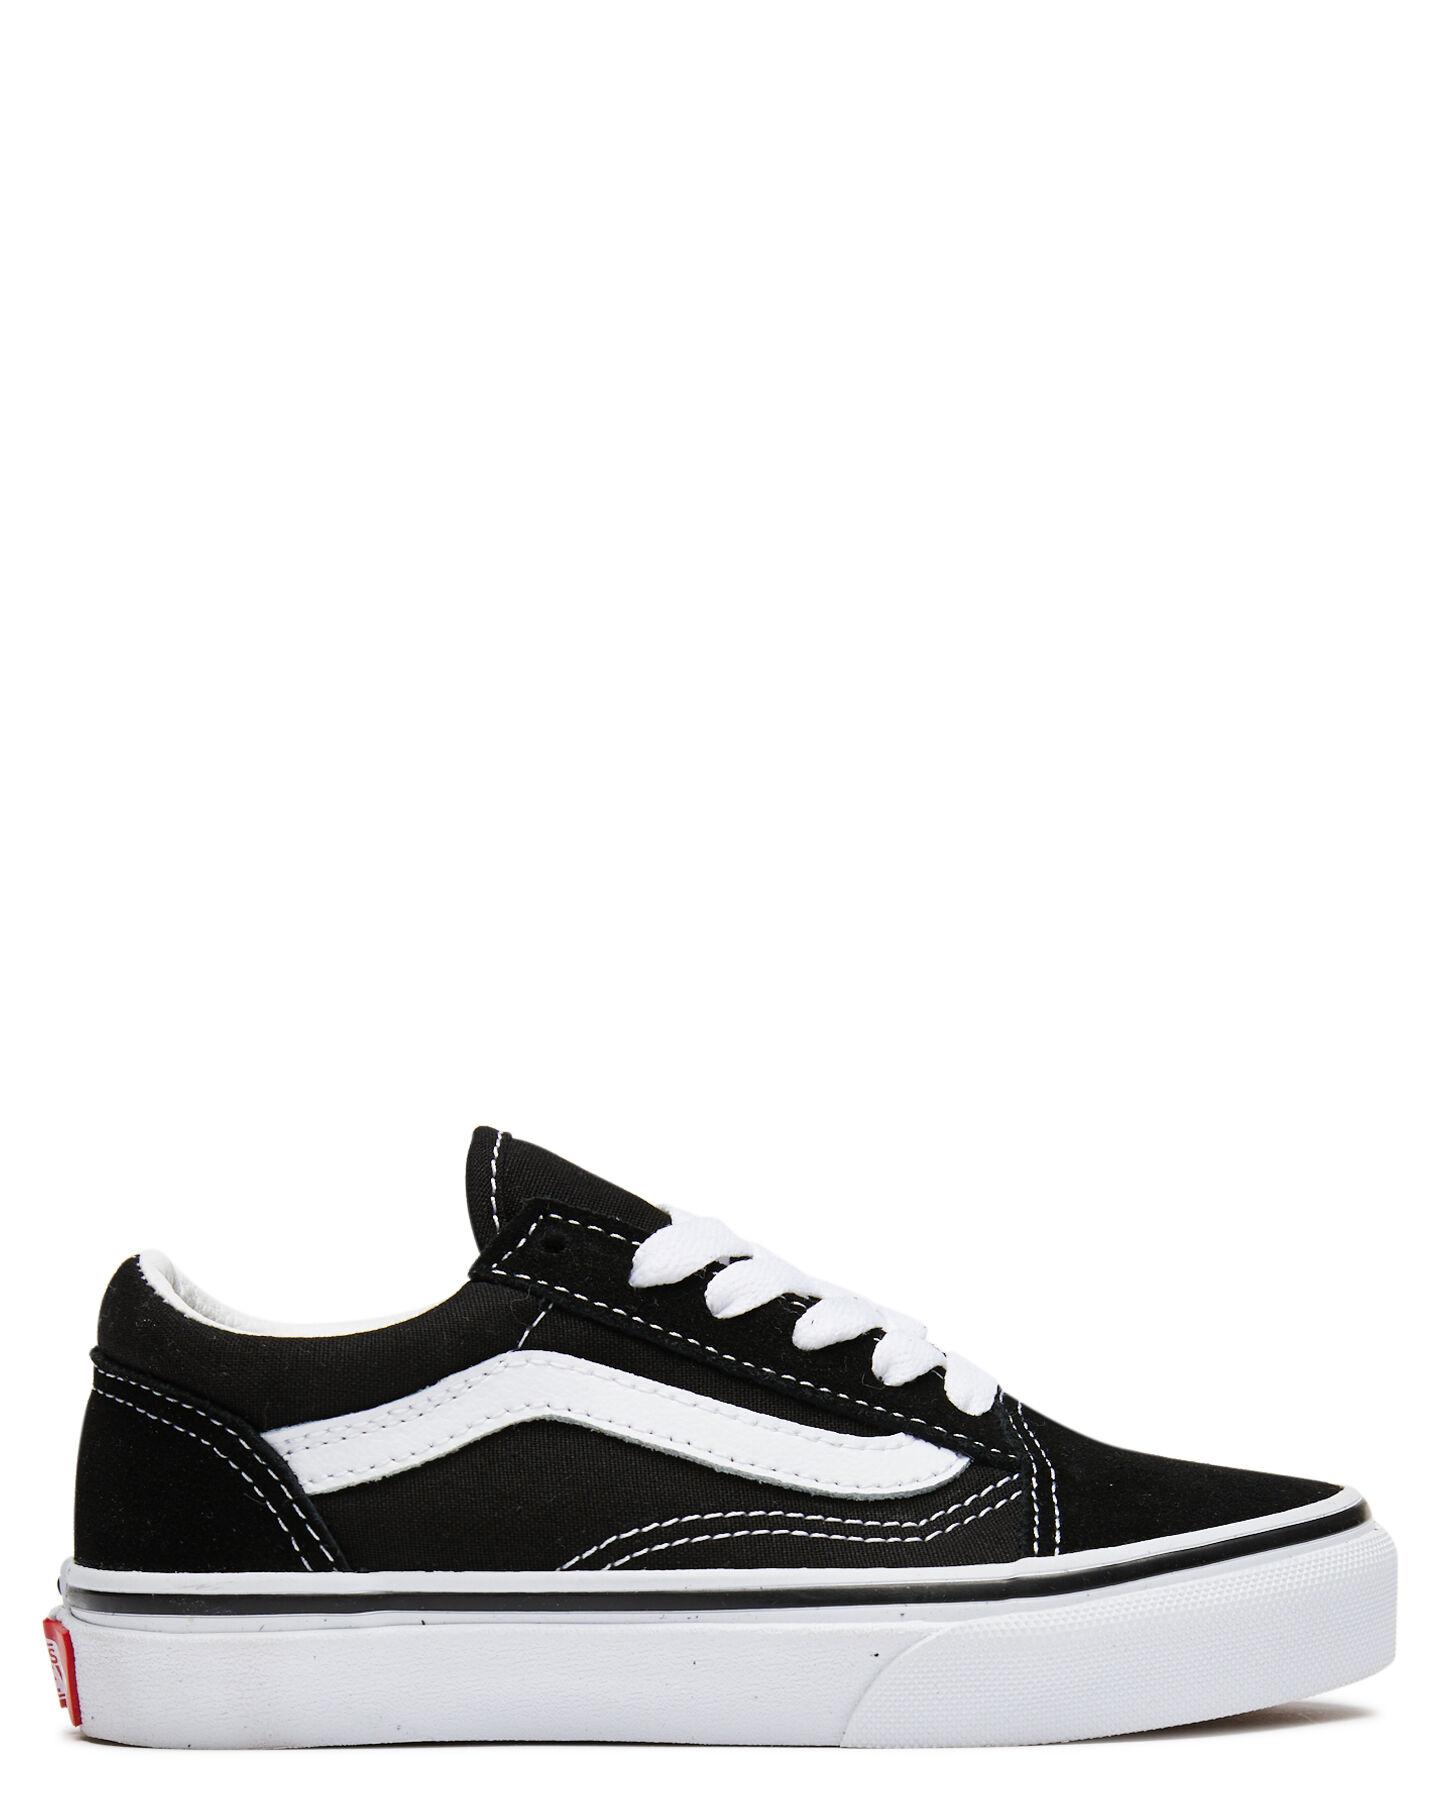 Vans Old Skool Shoe - Youth - Black